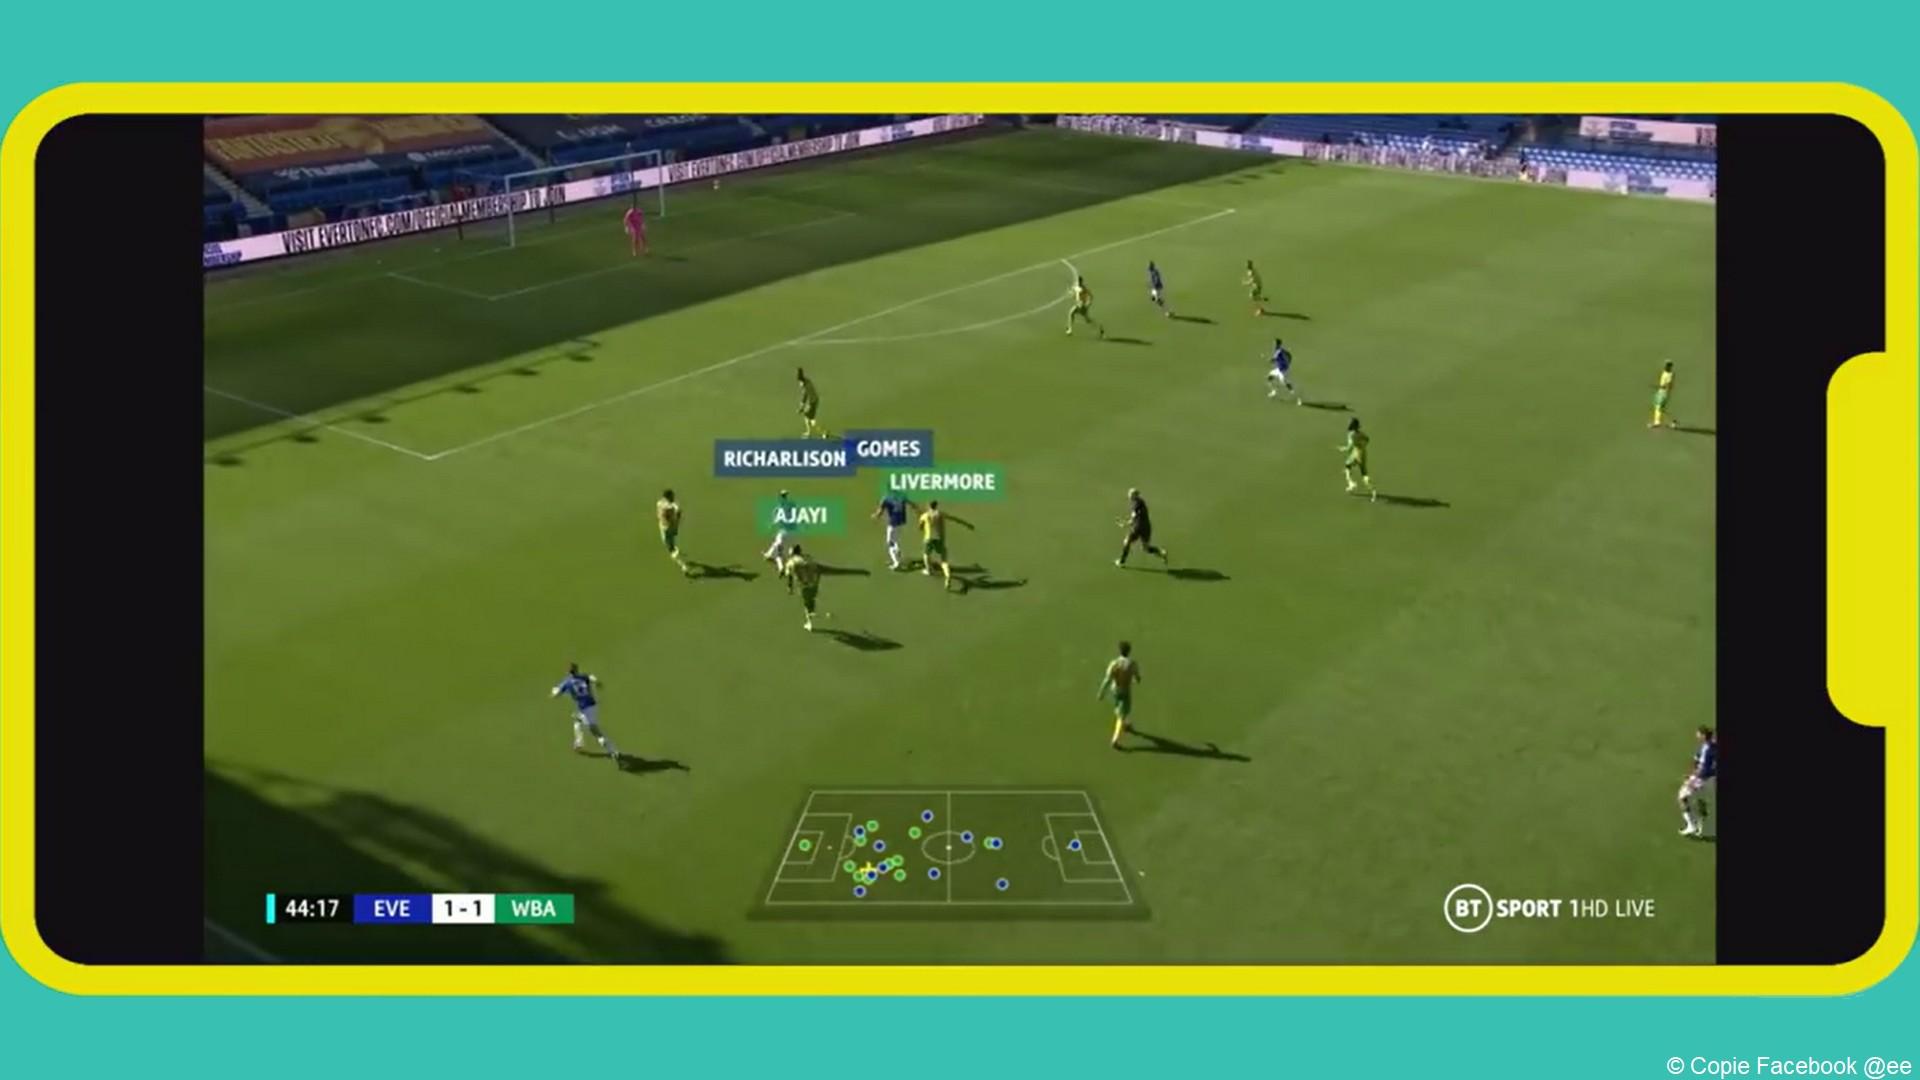 Virtuel BT Sport Matchday Experience 2021